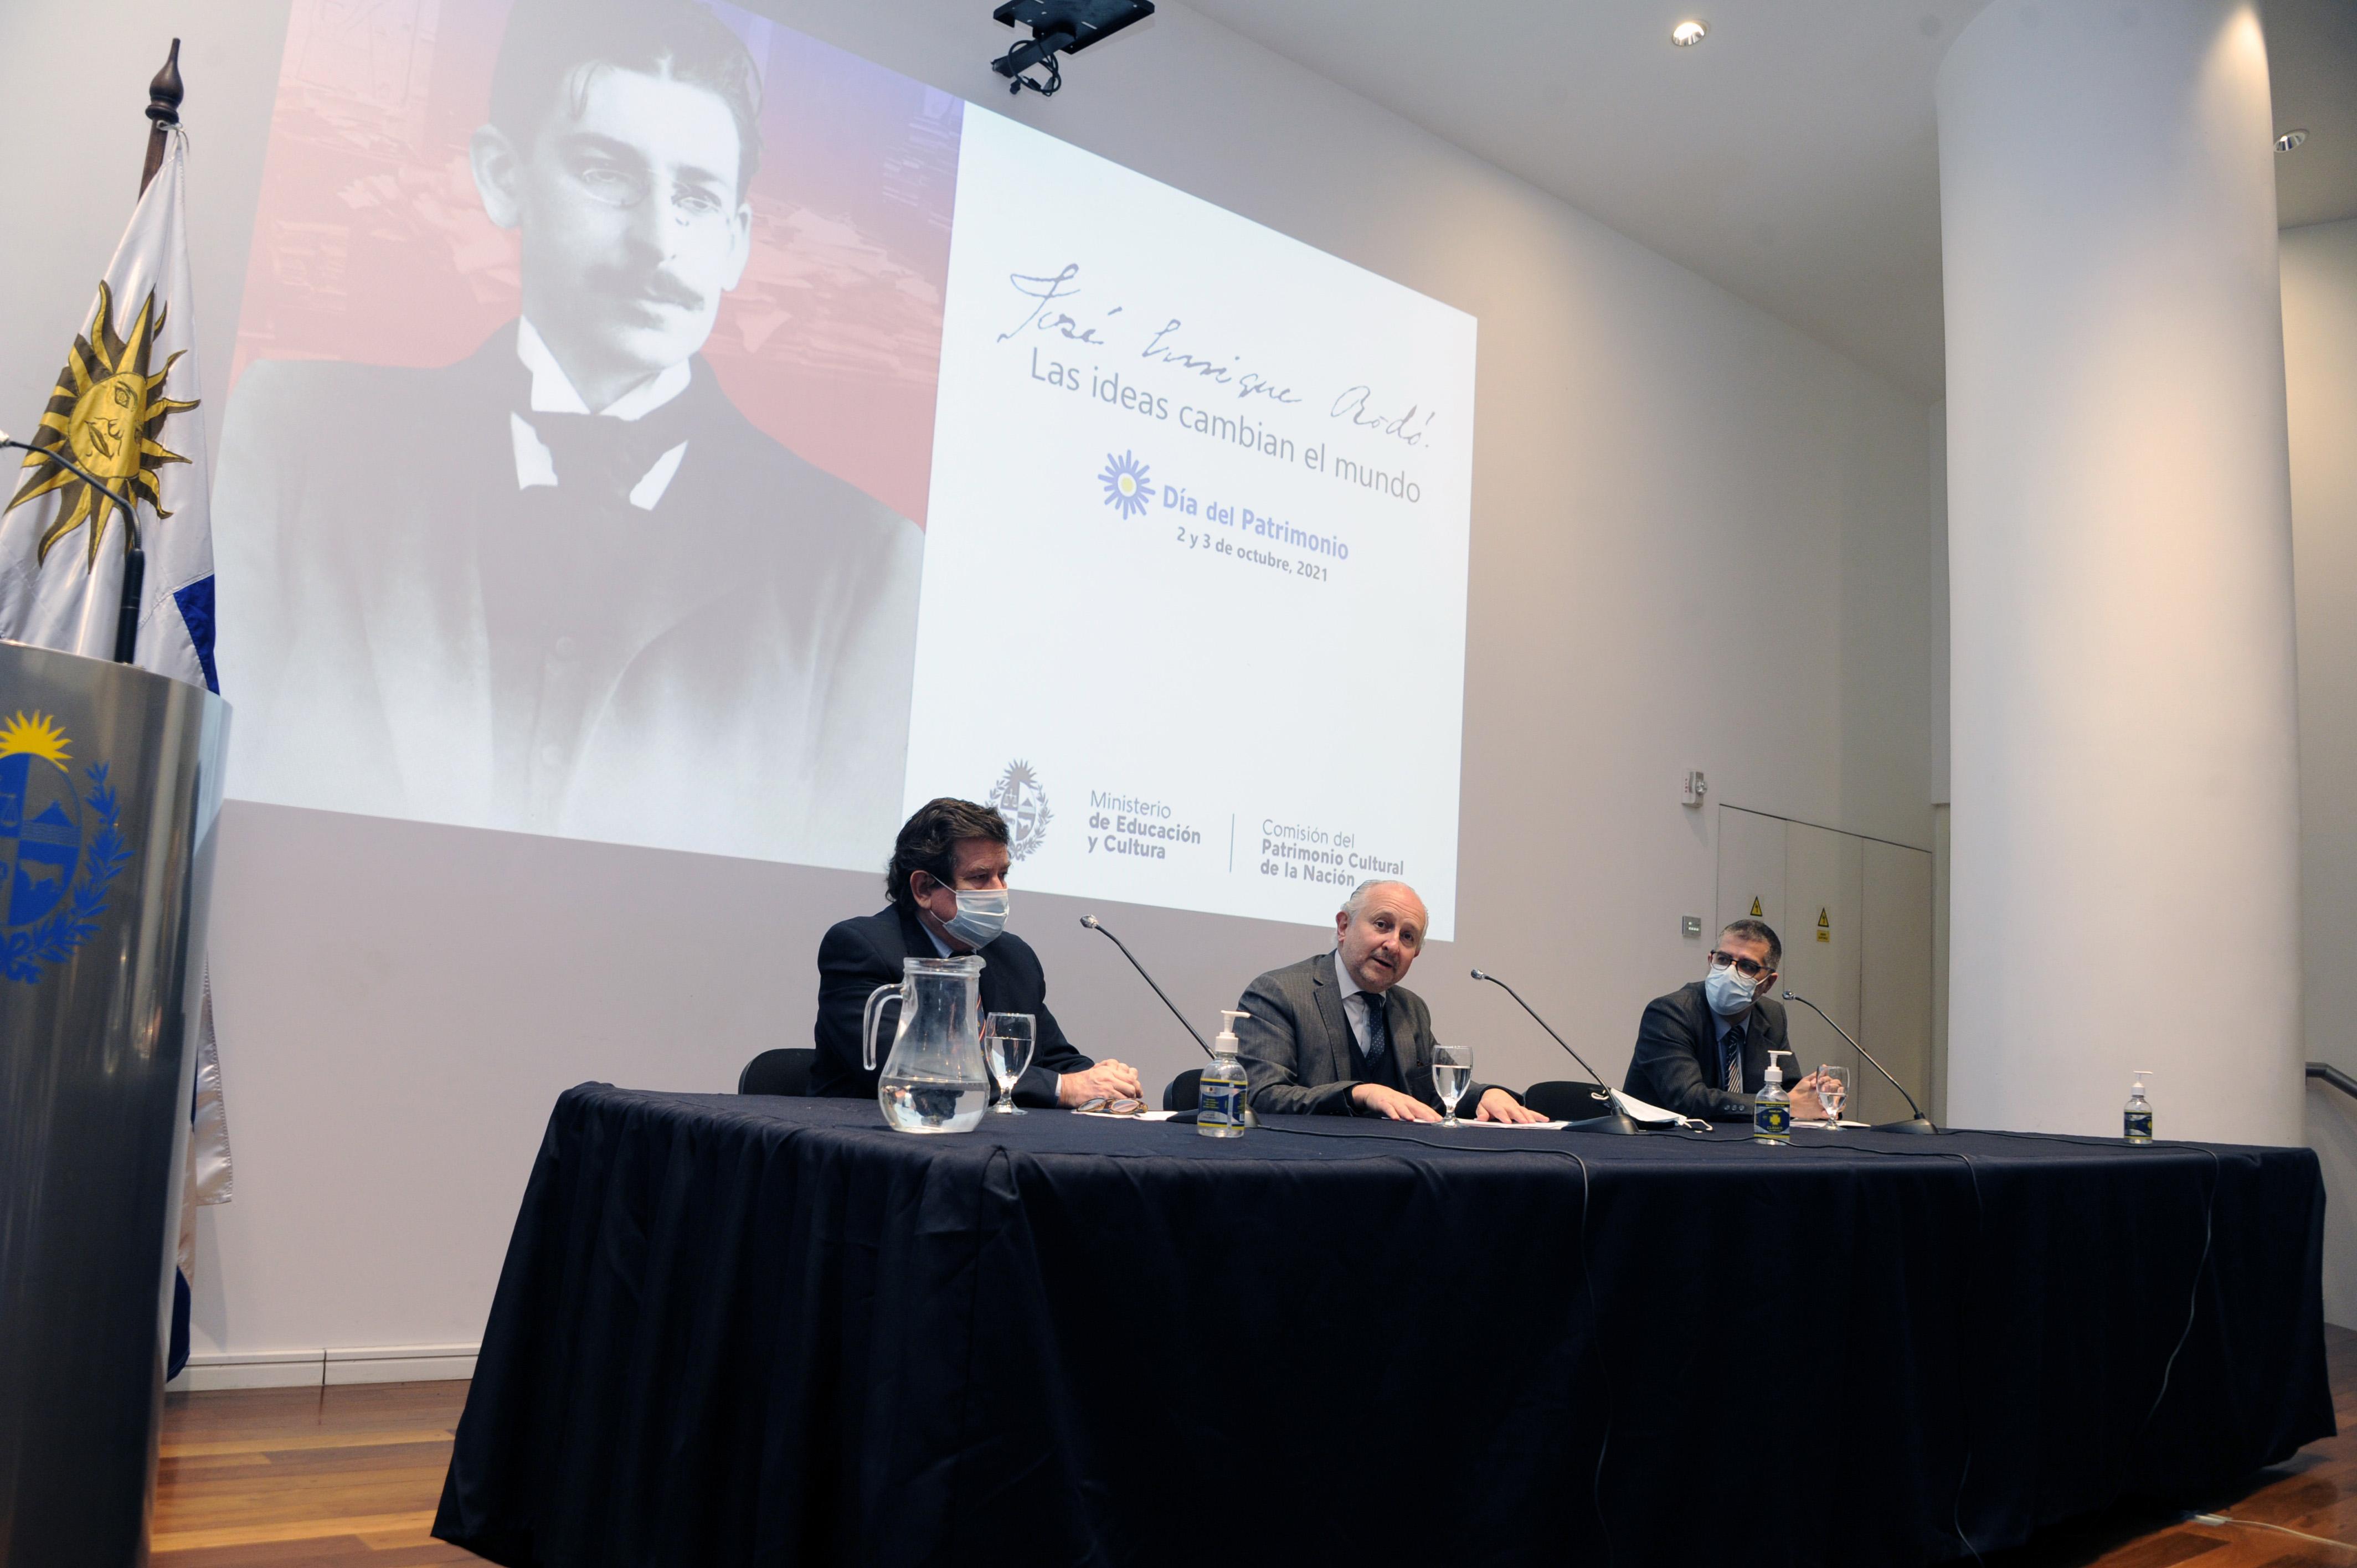 William Rey, Pablo da Silveira y Valentin Trujillo, en presentación del Día del Patrimonio 2021